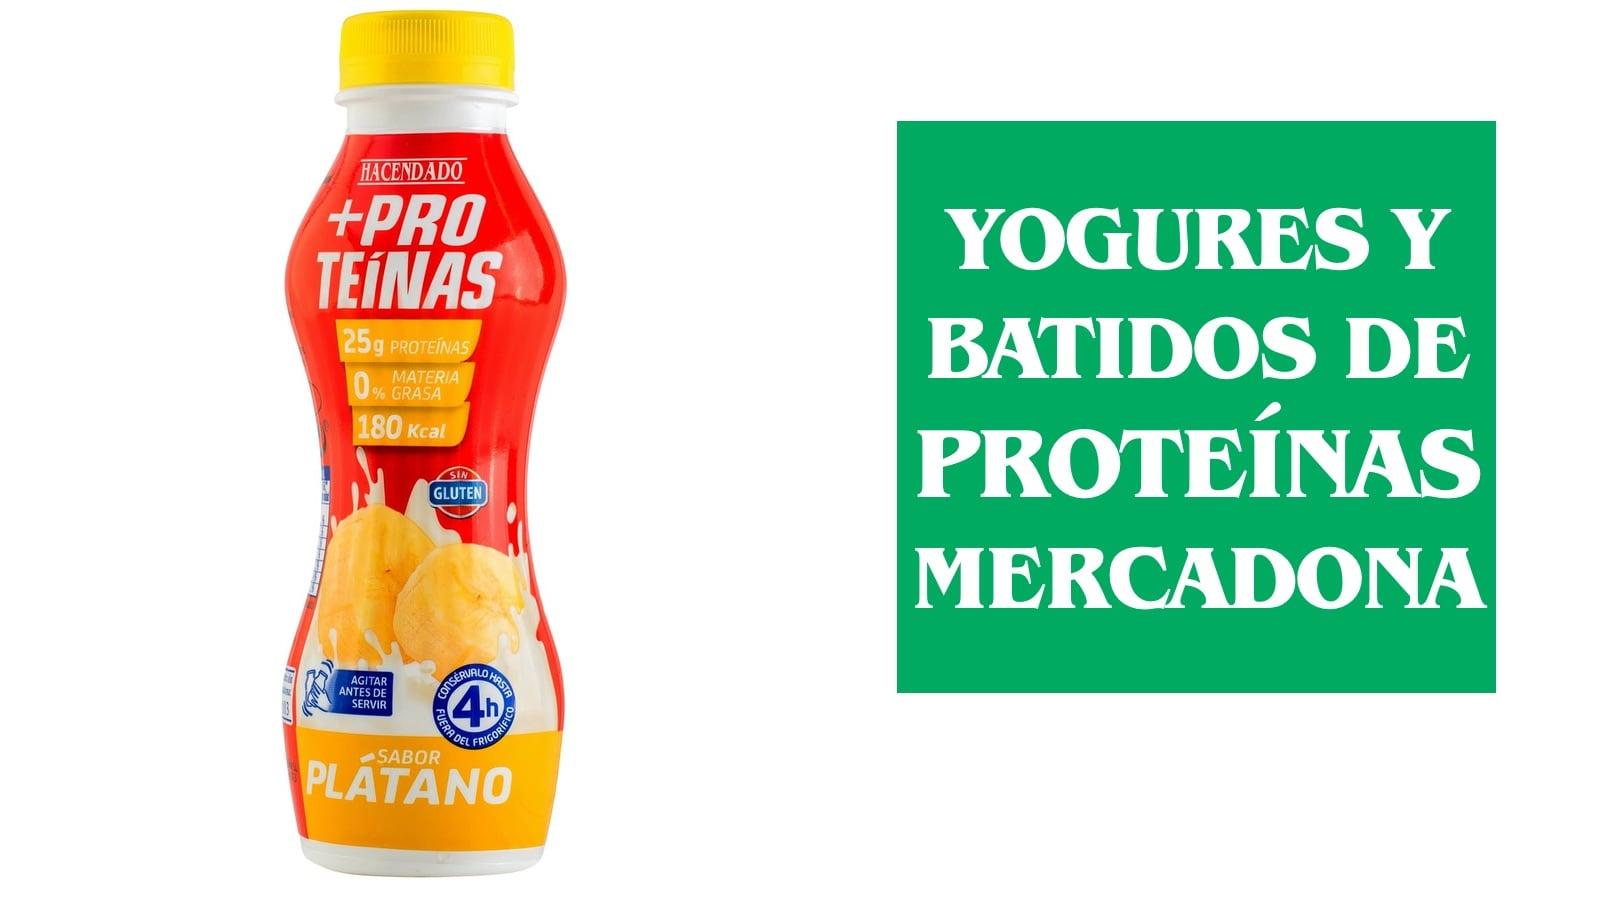 Yogures y Batidos de Proteínas del Mercadona